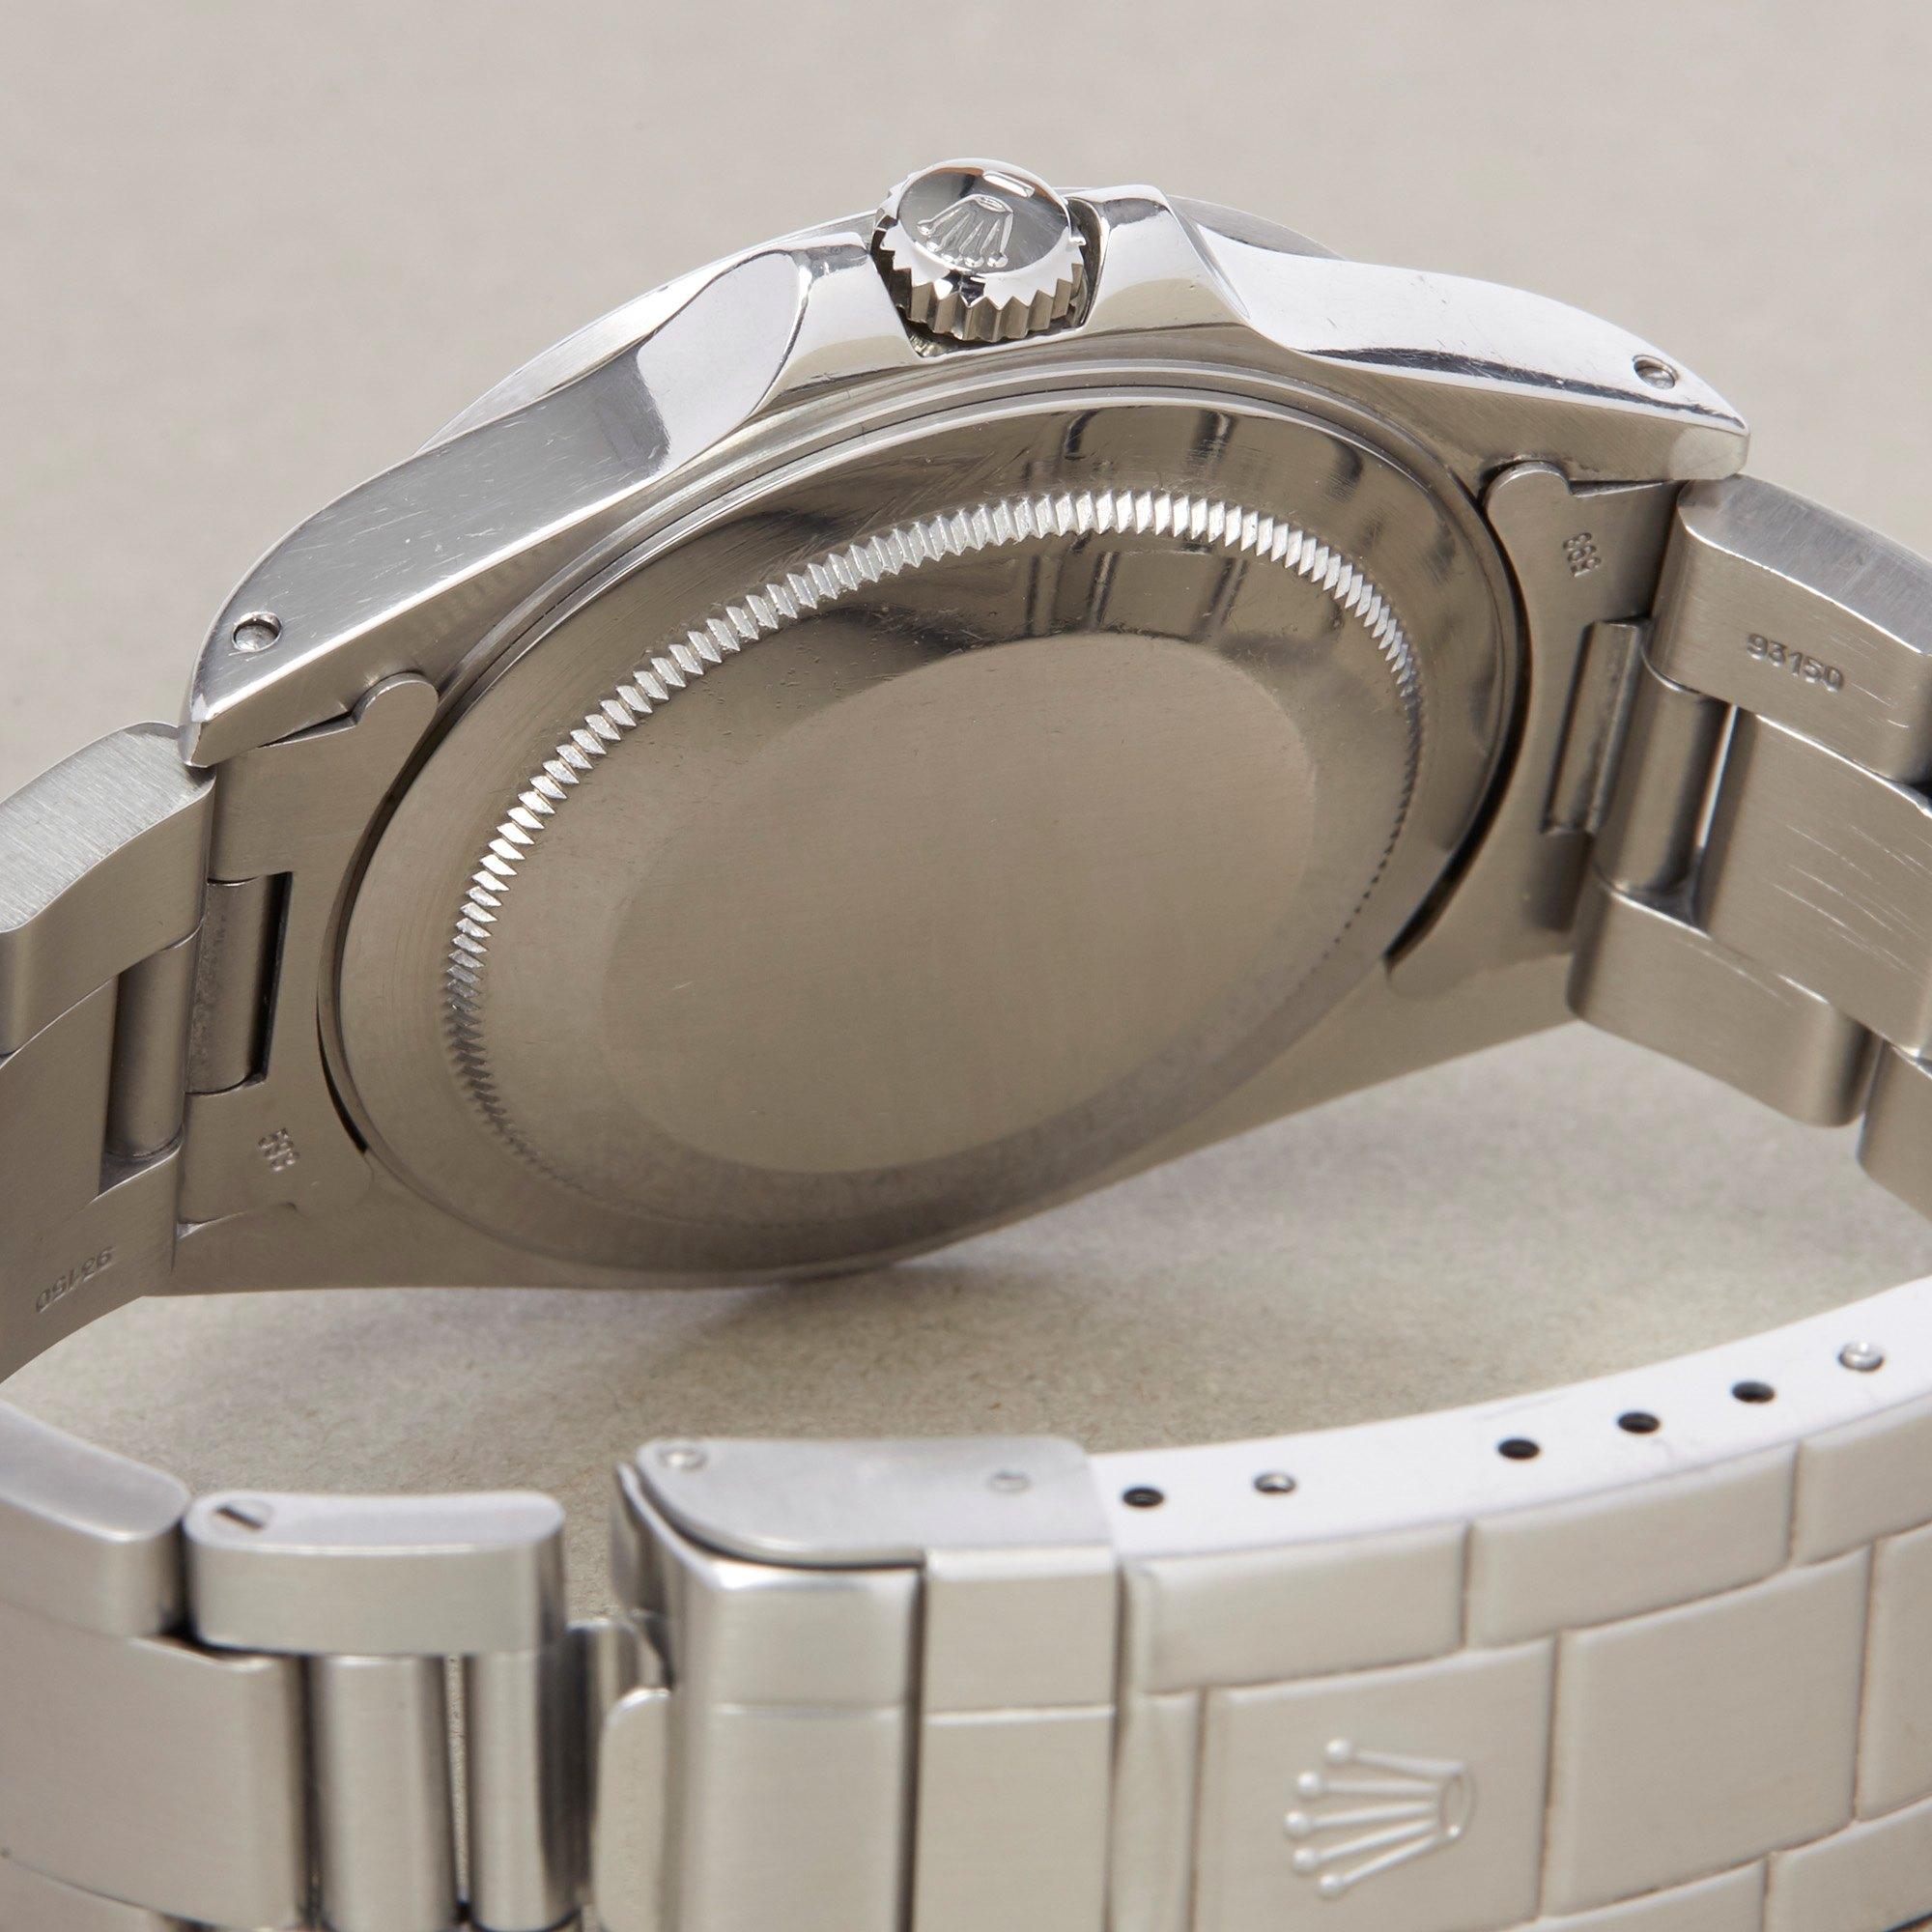 Rolex Explorer II Stainless Steel - 16550 Roestvrij Staal 16550